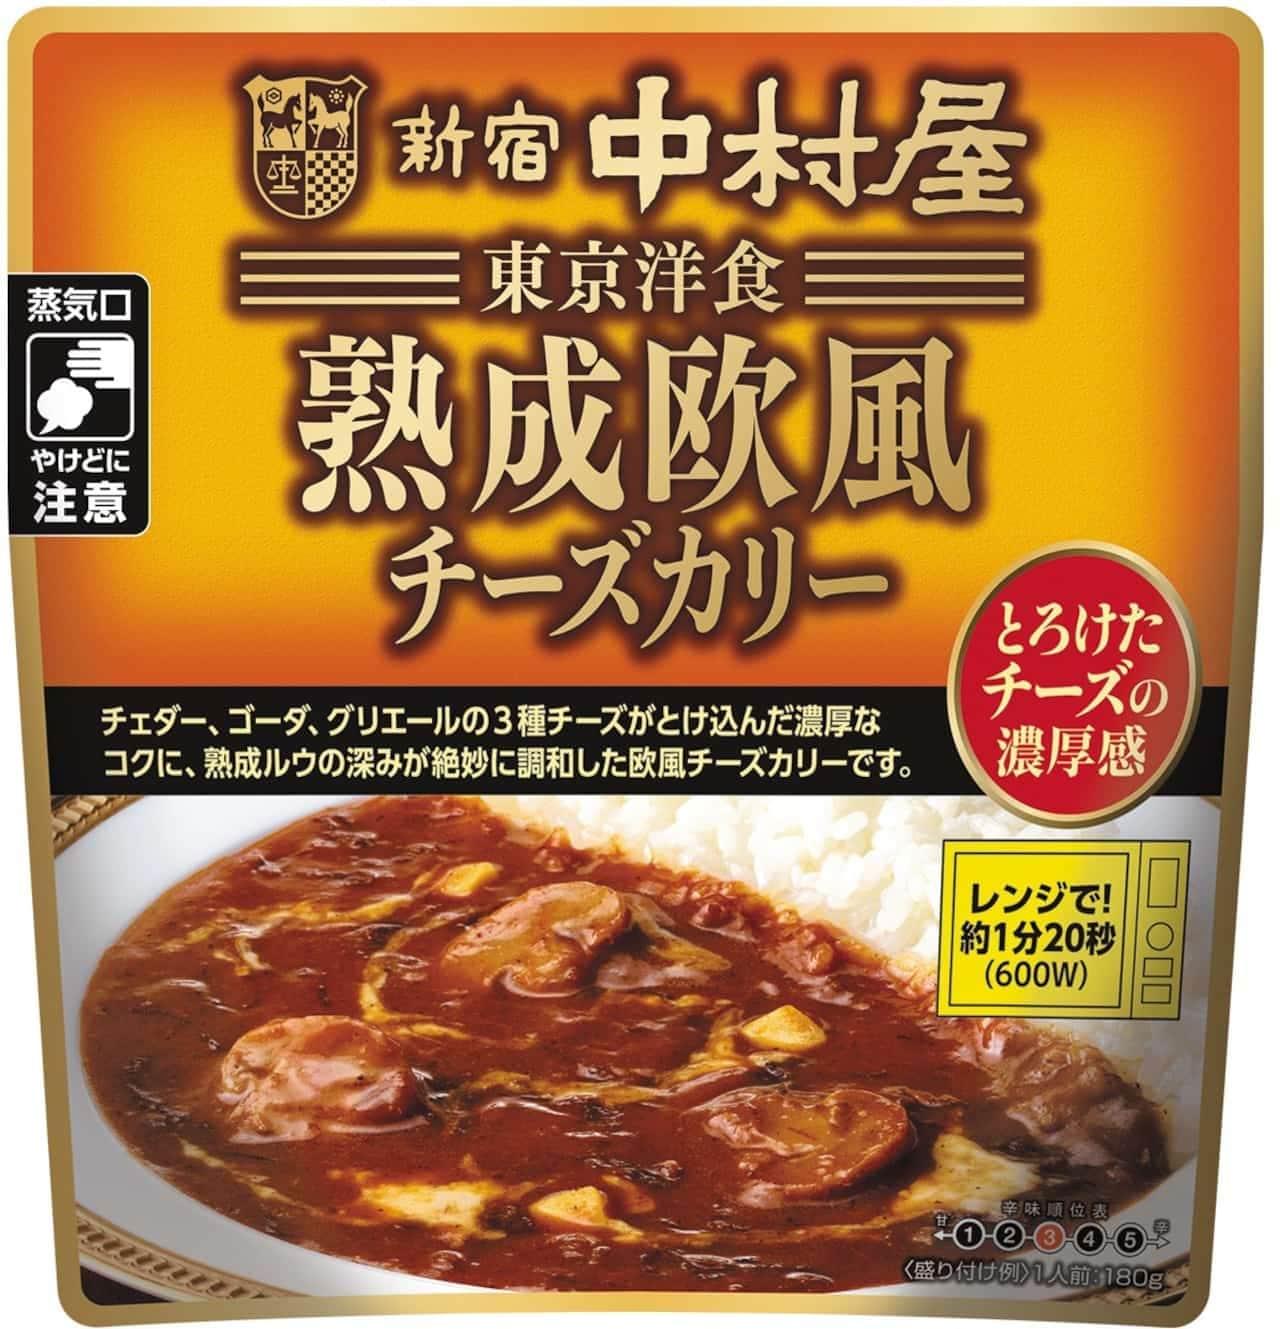 中村屋の新作レトルトカレー「東京洋食 熟成欧風チーズカリー とろけたチーズの濃厚感」